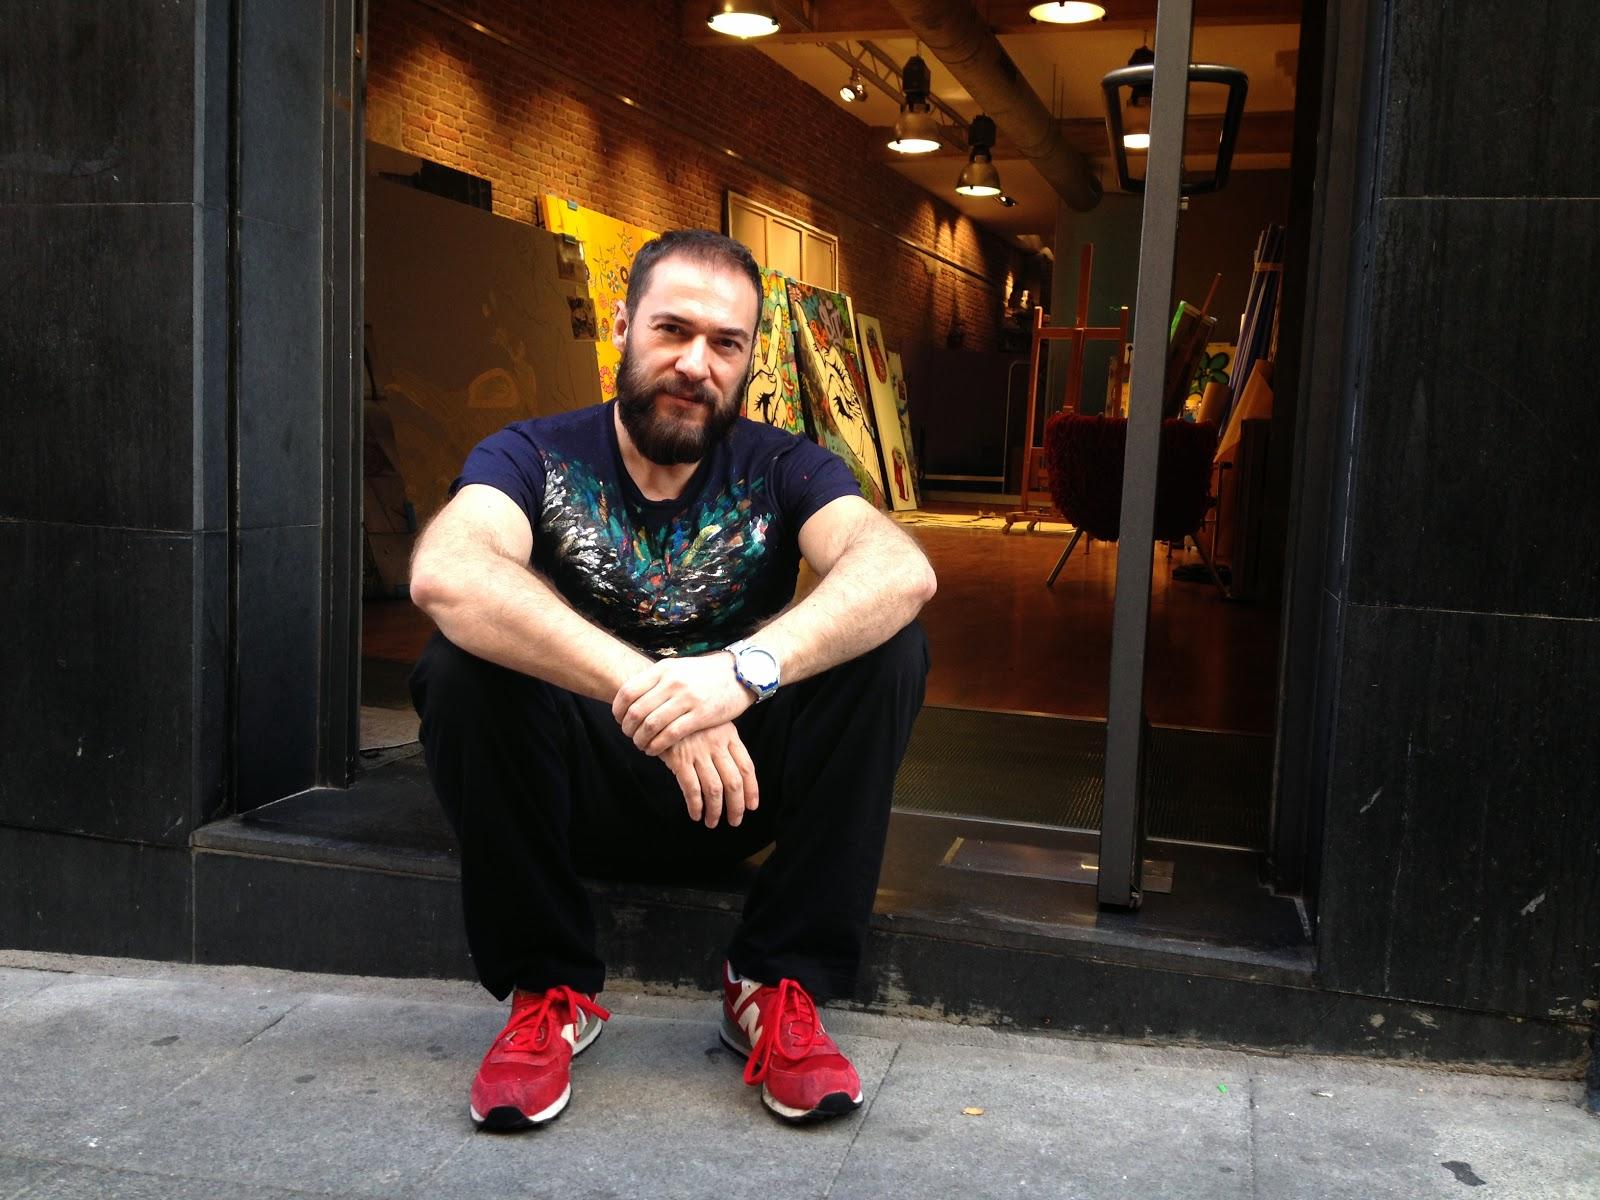 Antonio de Felipe - GraffitiPop - Entrevista / artículo de Álvaro García - alvarogp - el troblogdita - Foto: Álvaro García